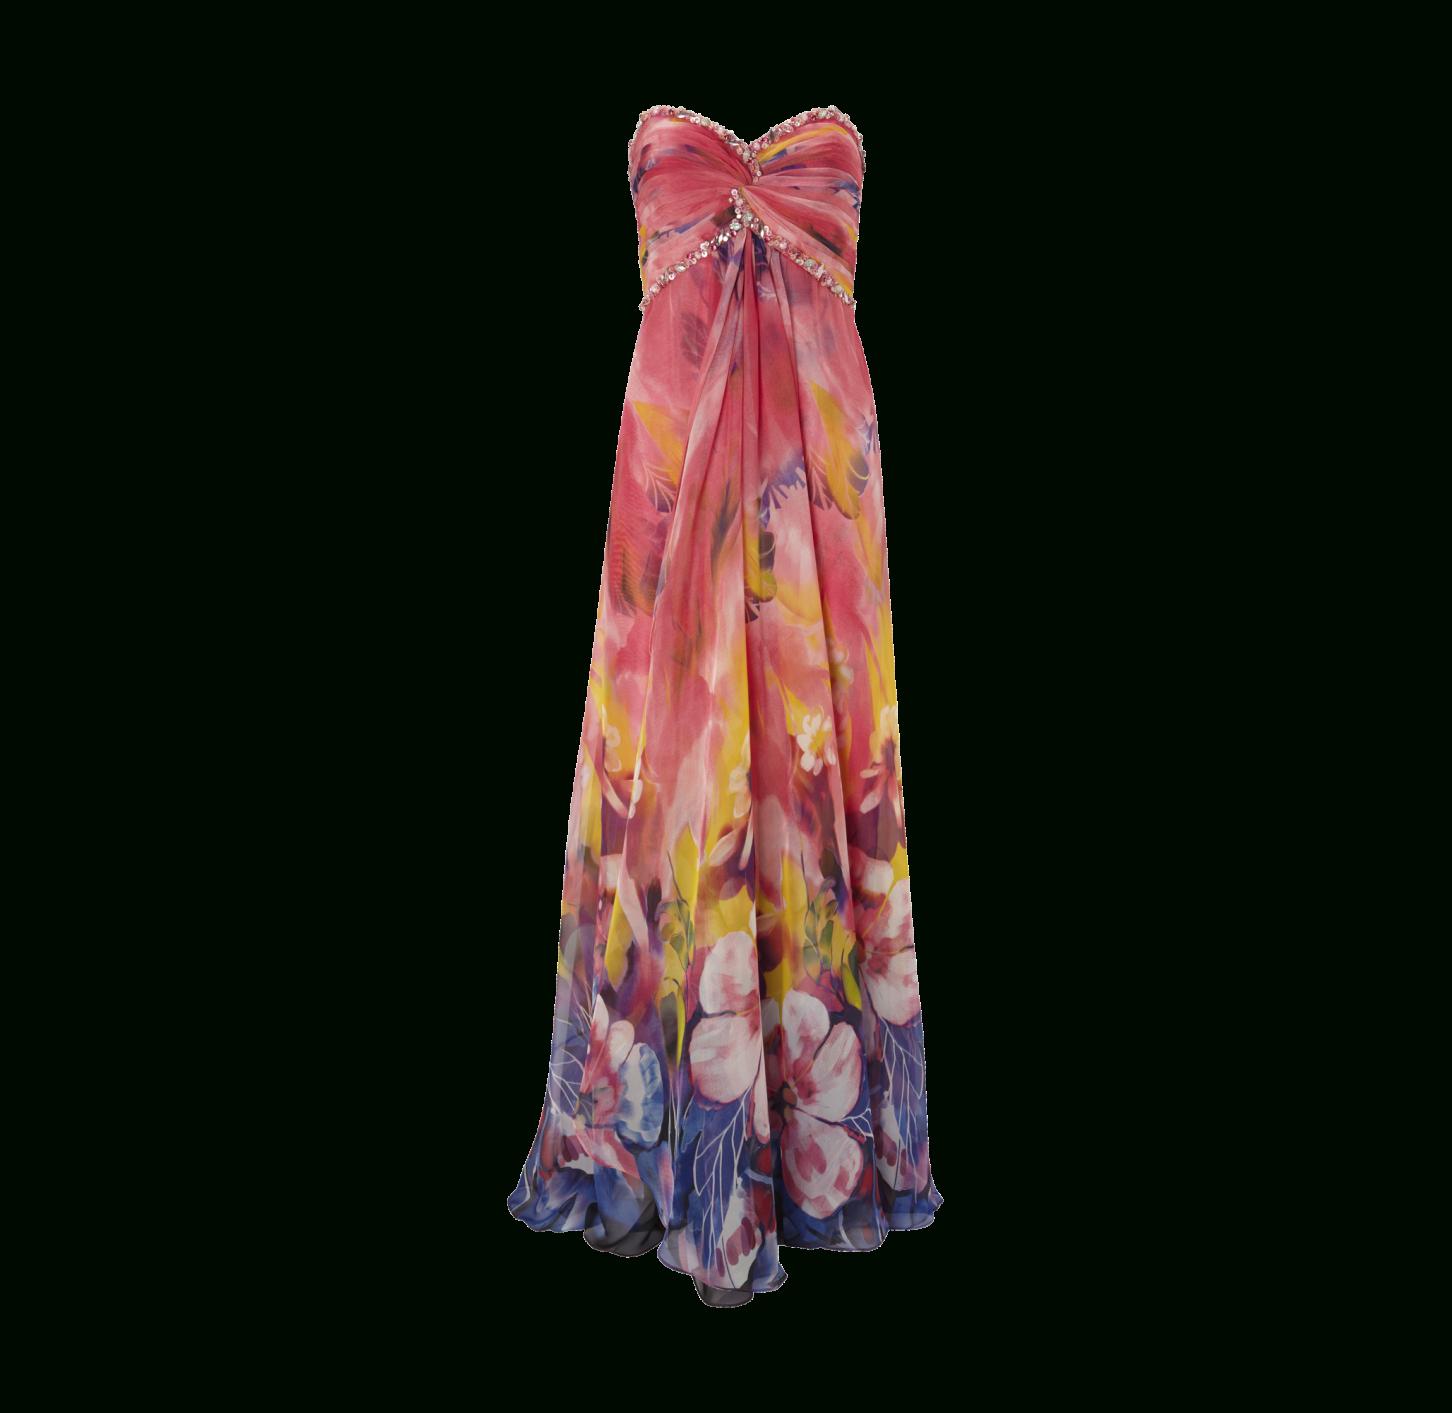 20 Erstaunlich P&C Abendkleider Sale Stylish15 Elegant P&C Abendkleider Sale Spezialgebiet